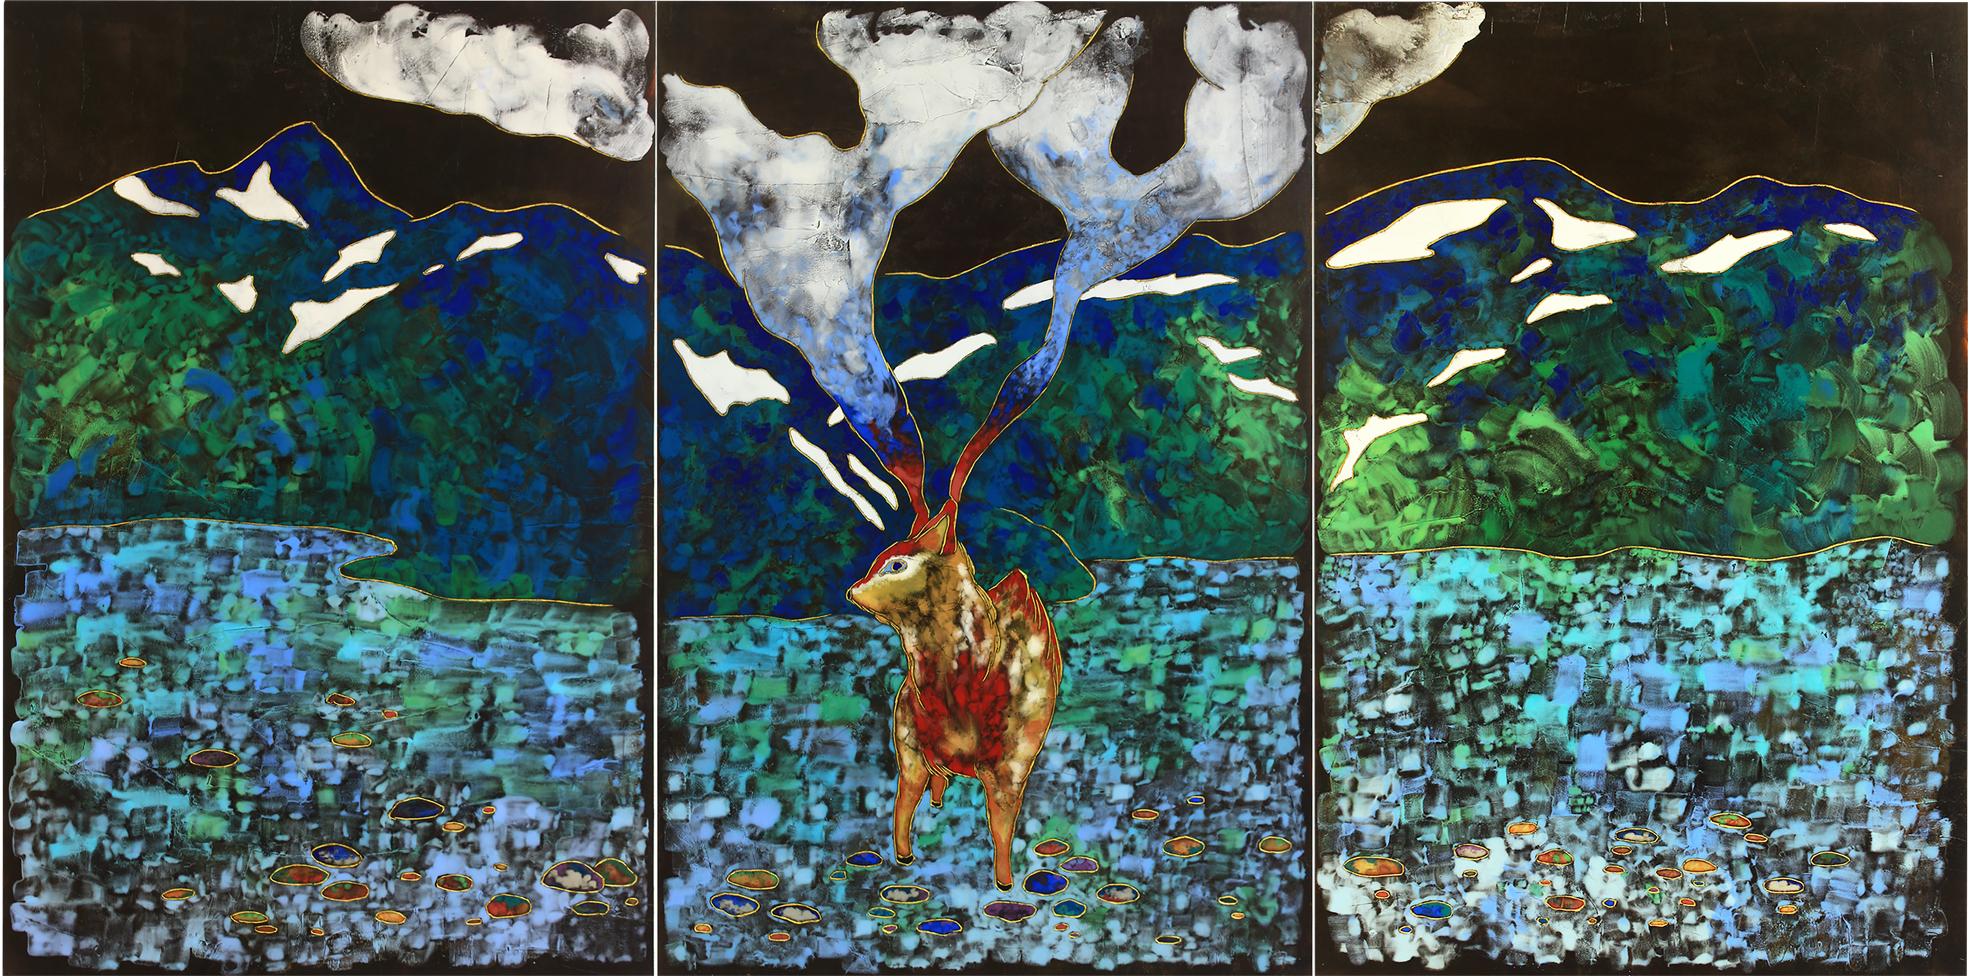 夏愛華《妖精湖》120x240x5cm,生漆、金箔、岩彩、松木拼板,2017